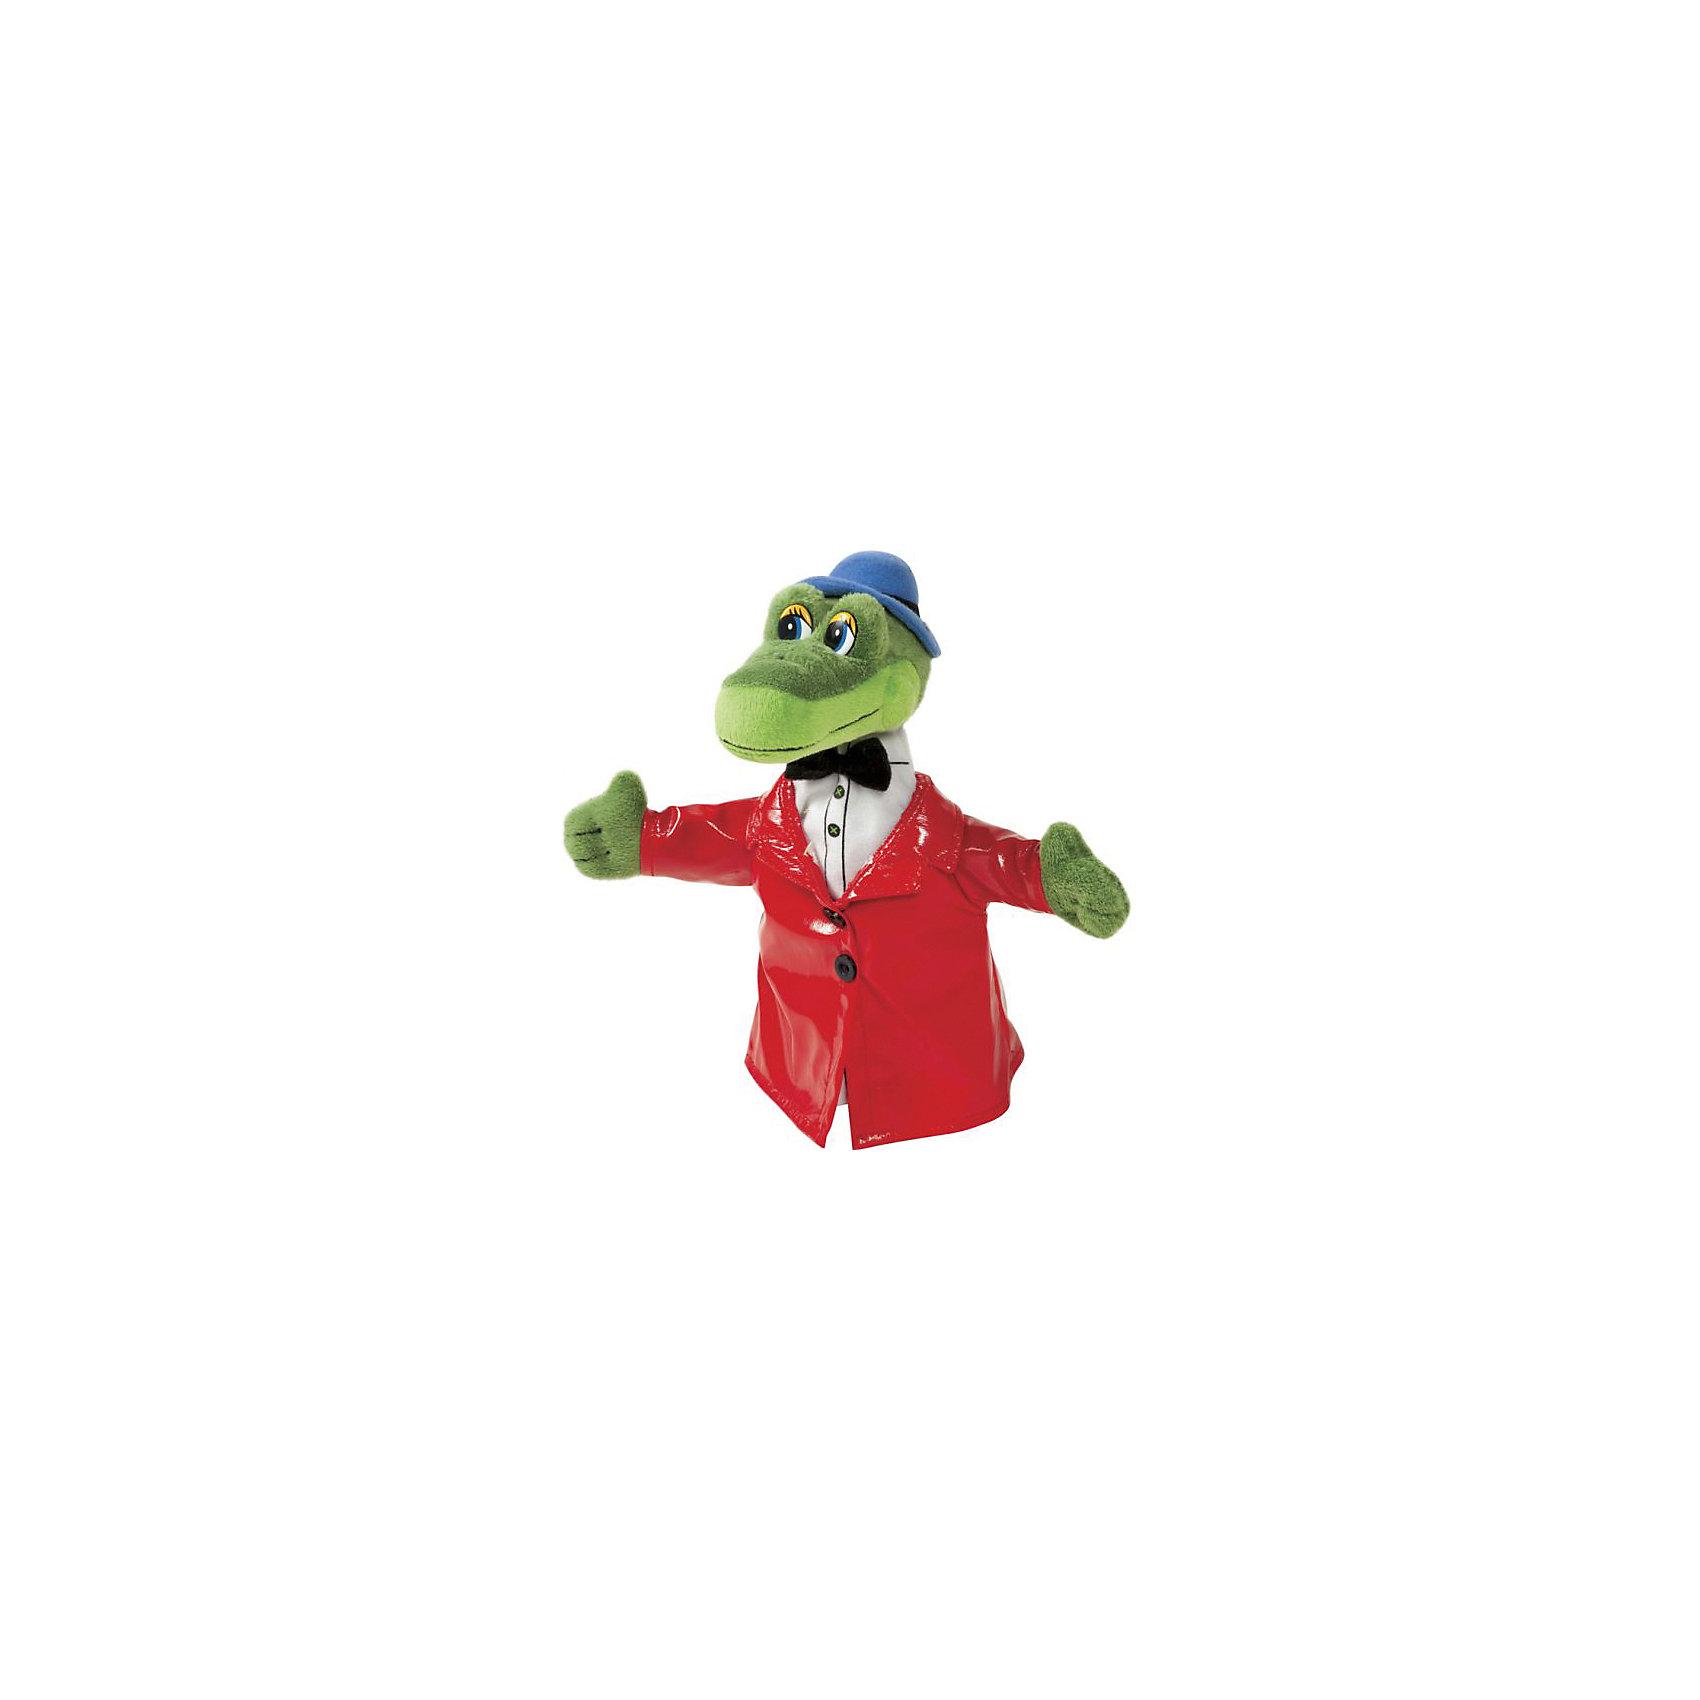 Кукла на руку Крокодил Гена, МУЛЬТИ-ПУЛЬТИИгрушки<br>Перчаточная игрушка на руку Крокодил Гена от Мульти-Пульти хорошо подойдет для игры в кукольный театр. Со знакомым персонажем из мультфильма Чебурашка и Крокодил Гена можно разыграть множество веселых сценок из мультфильма. Оденьте Крокодила Гену на руку и можно начинать представление. Игра в кукольный театр развивает у ребенка речь, память, внимание и творческие способности.<br><br>Дополнительная информация:<br><br>- Материал: мягкий плюш, текстиль.<br>- Размер игрушки: 22 см.<br>- Вес: 0,3 кг.<br><br>Перчаточную игрушку Крокодил Гена (Чебурашка) от Мульти-Пульти можно купить в нашем магазине.<br><br>Ширина мм: 138<br>Глубина мм: 138<br>Высота мм: 230<br>Вес г: 52<br>Возраст от месяцев: 18<br>Возраст до месяцев: 144<br>Пол: Унисекс<br>Возраст: Детский<br>SKU: 3143907